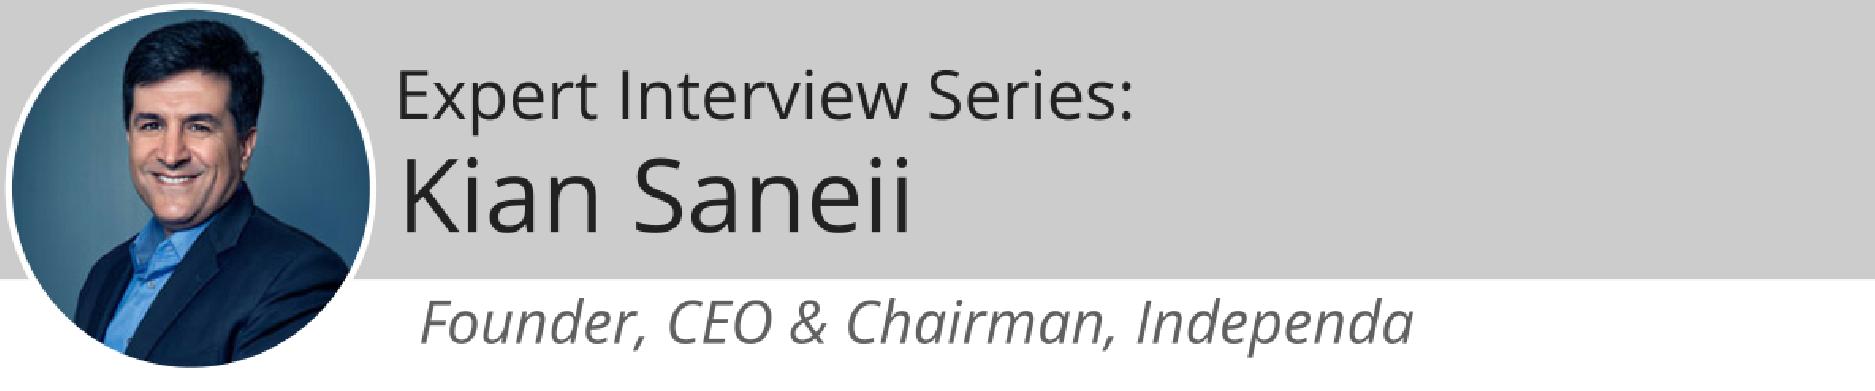 Expert Interview Header (1).png